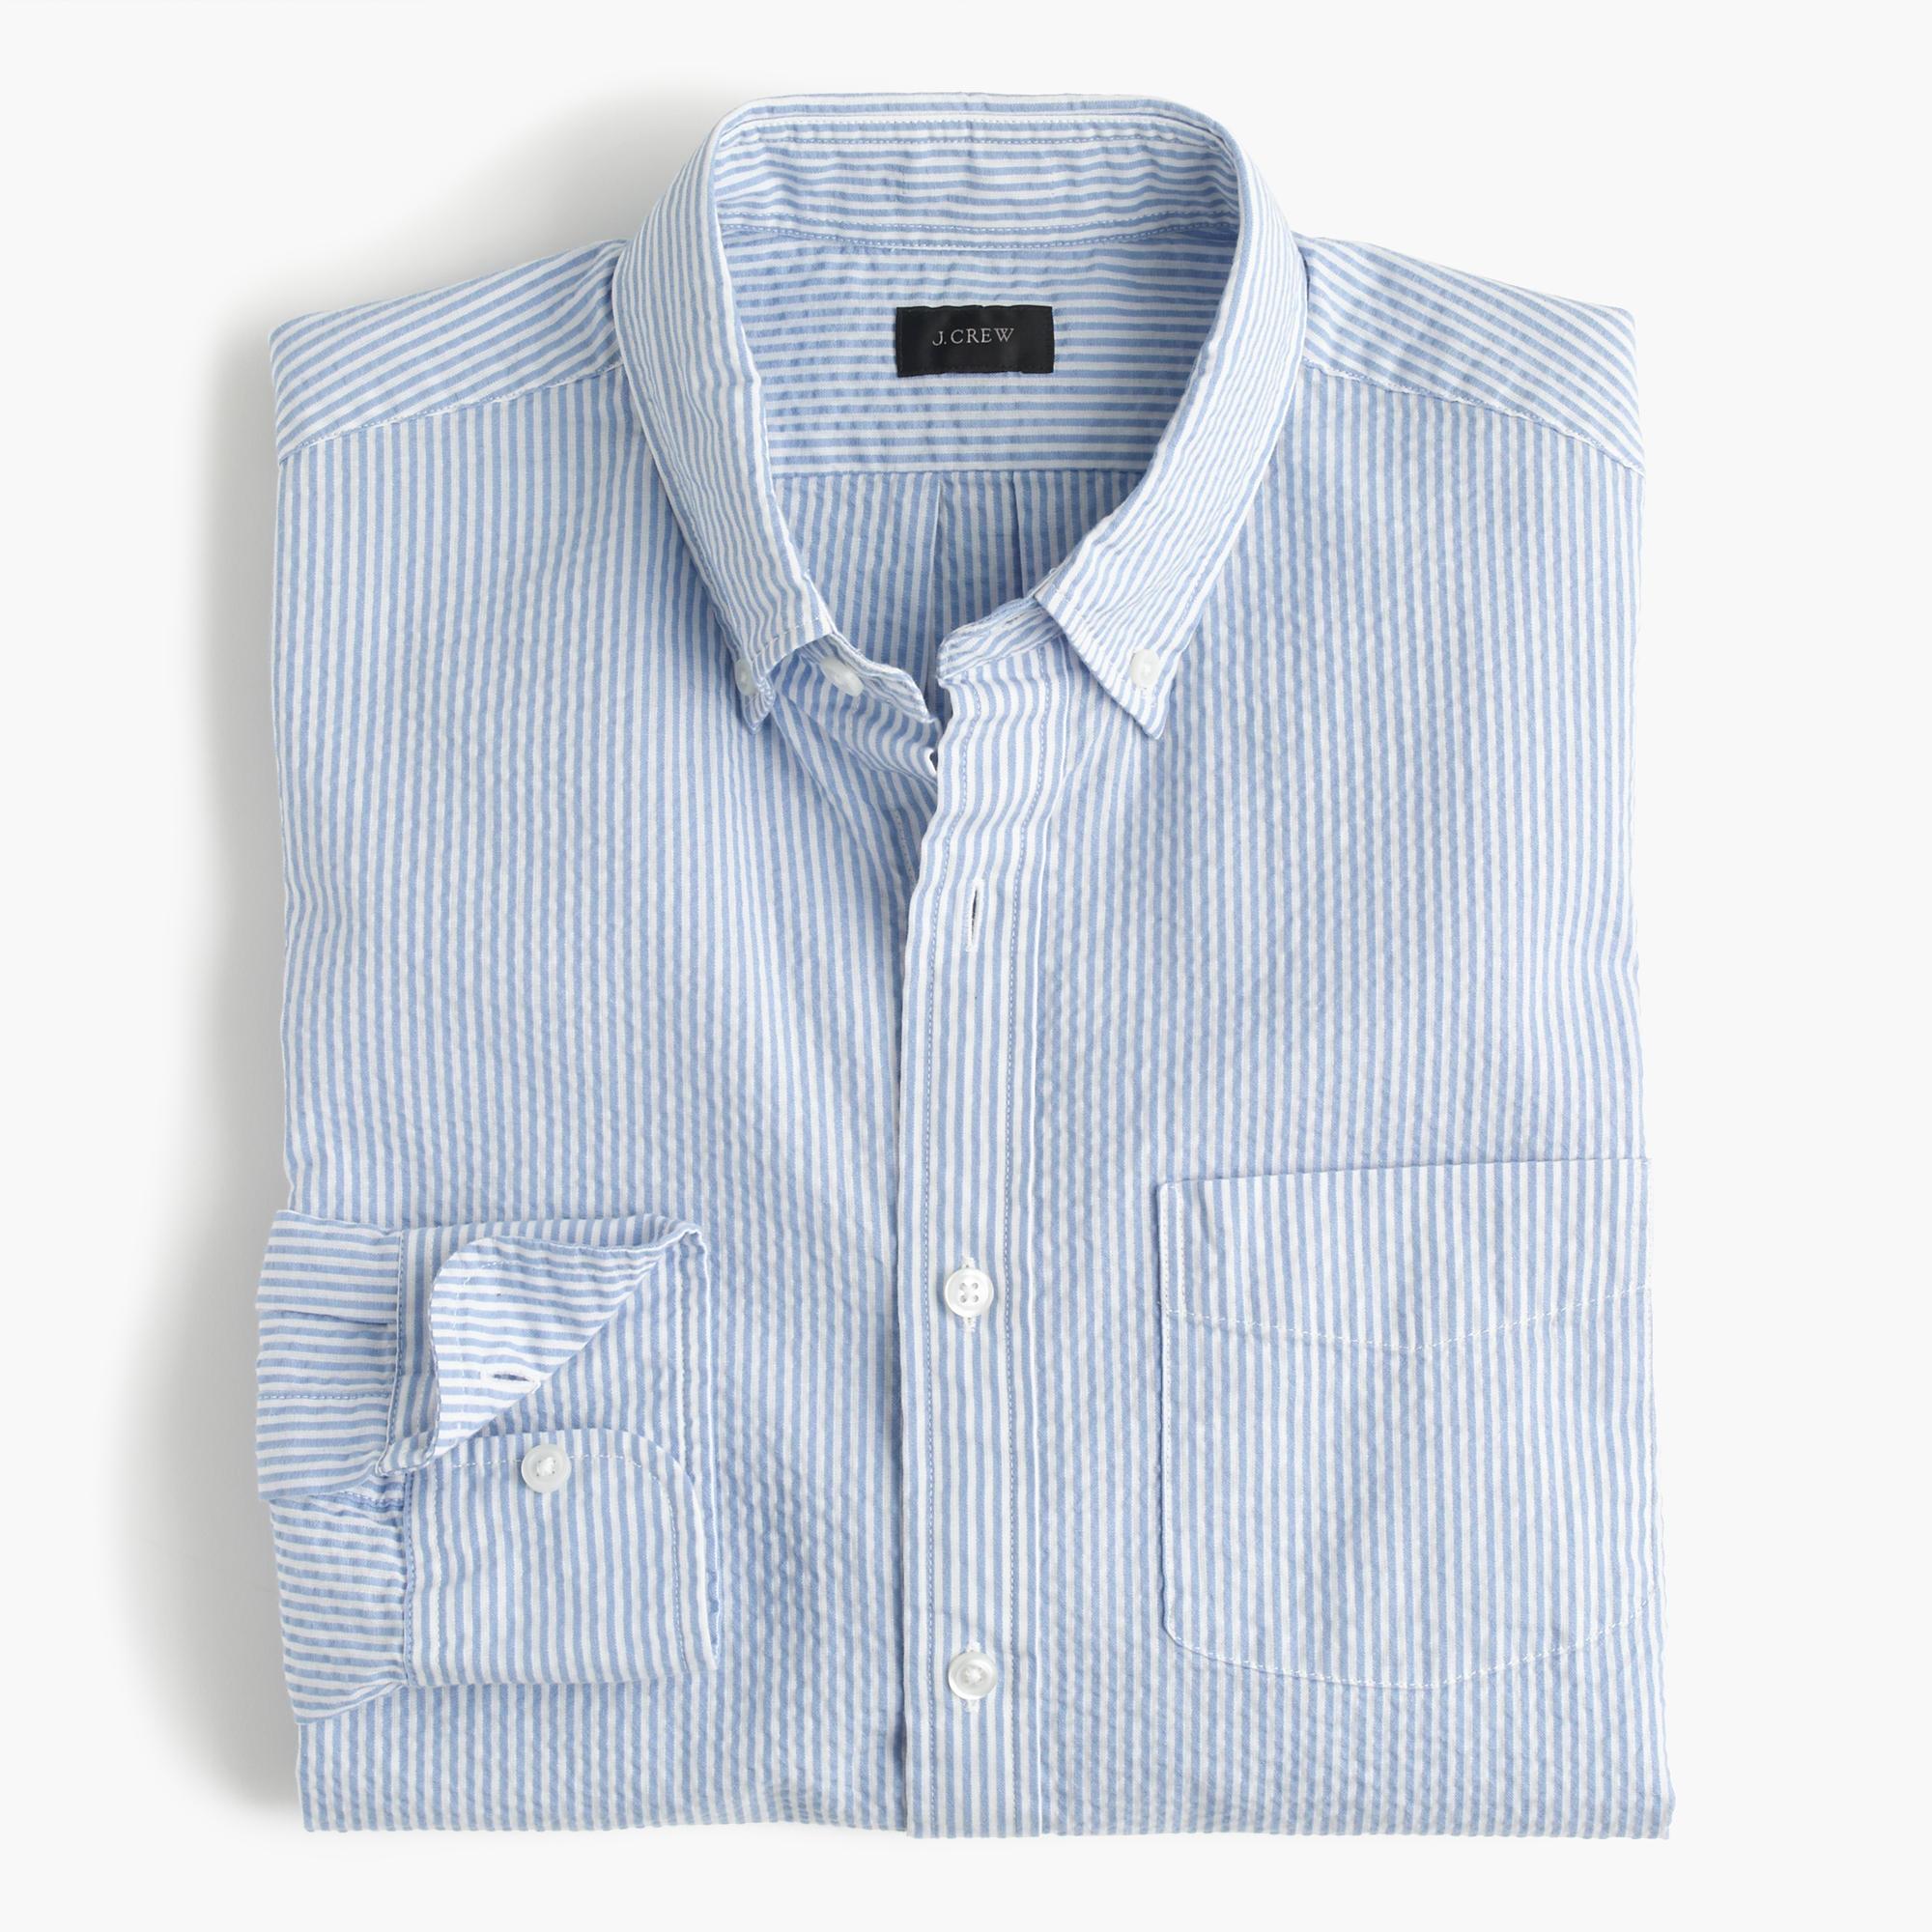 slim seersucker striped shirt men slim shirt shop j crew. Black Bedroom Furniture Sets. Home Design Ideas